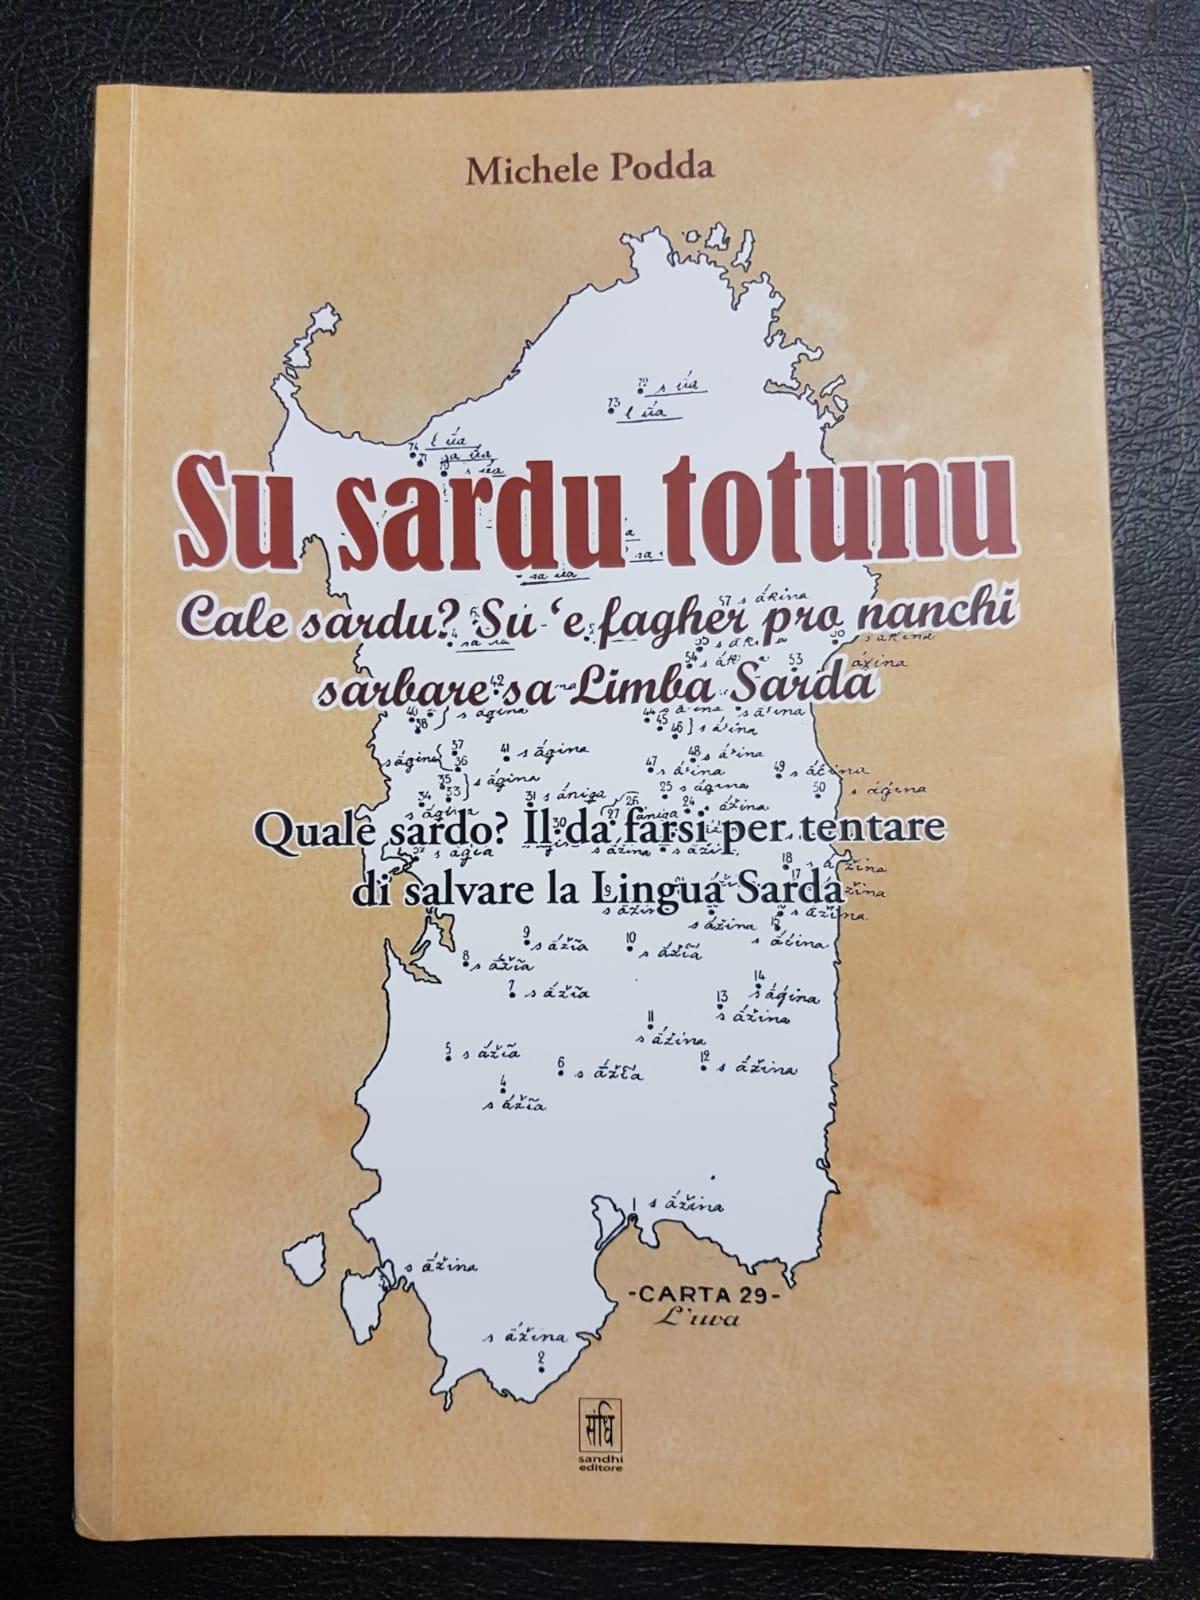 Come rilanciare la lingua sarda?